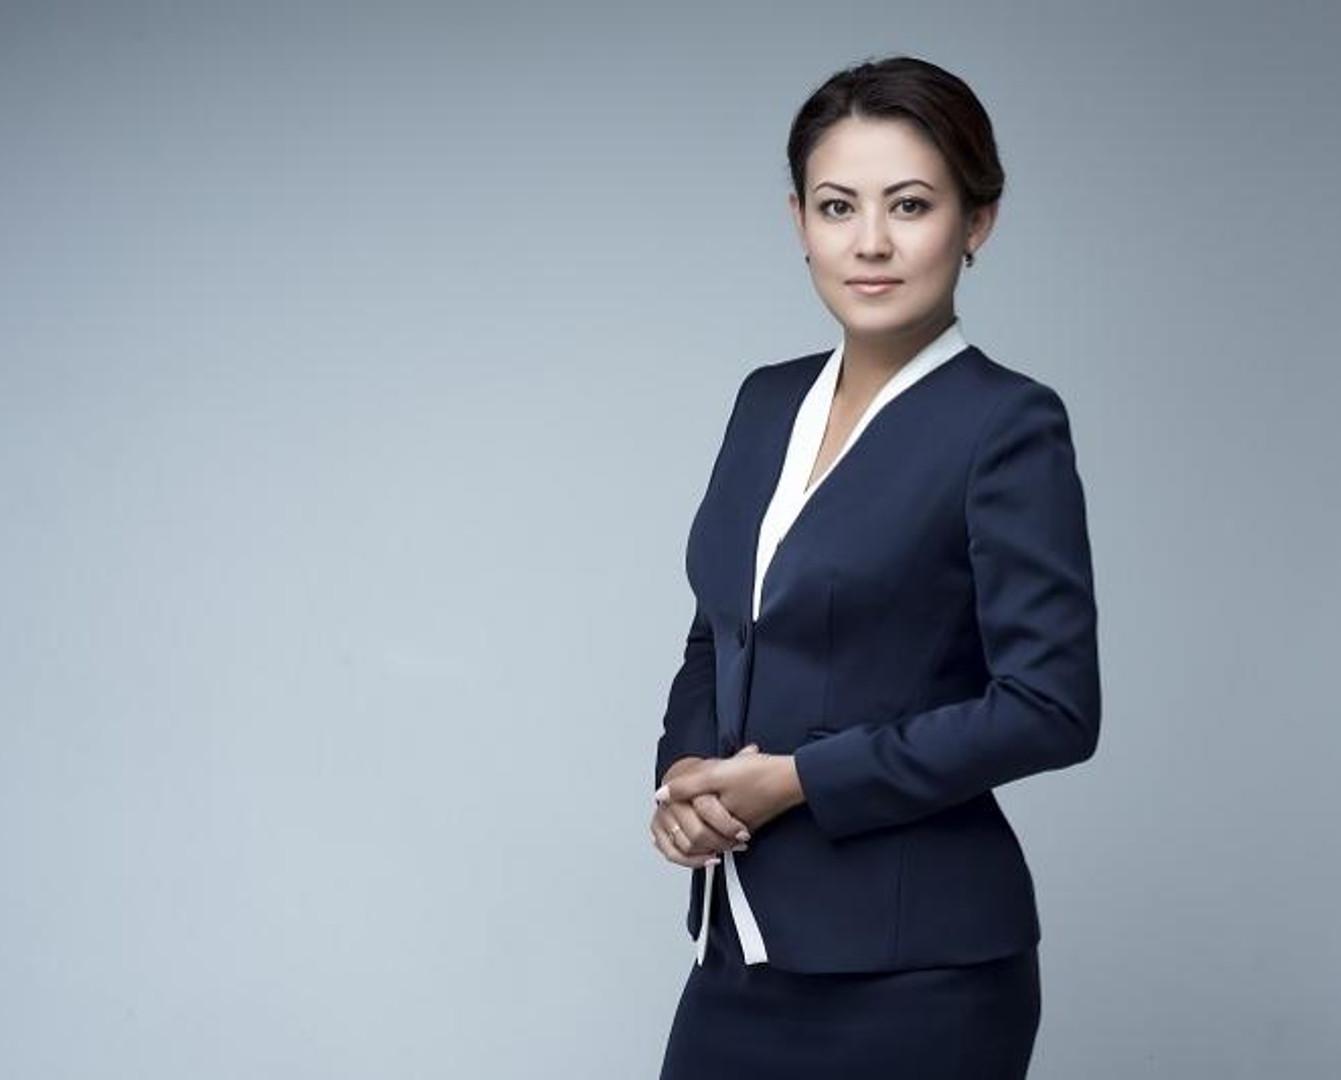 Казахстанского зрителя новостей описала директор «Хабар 24»